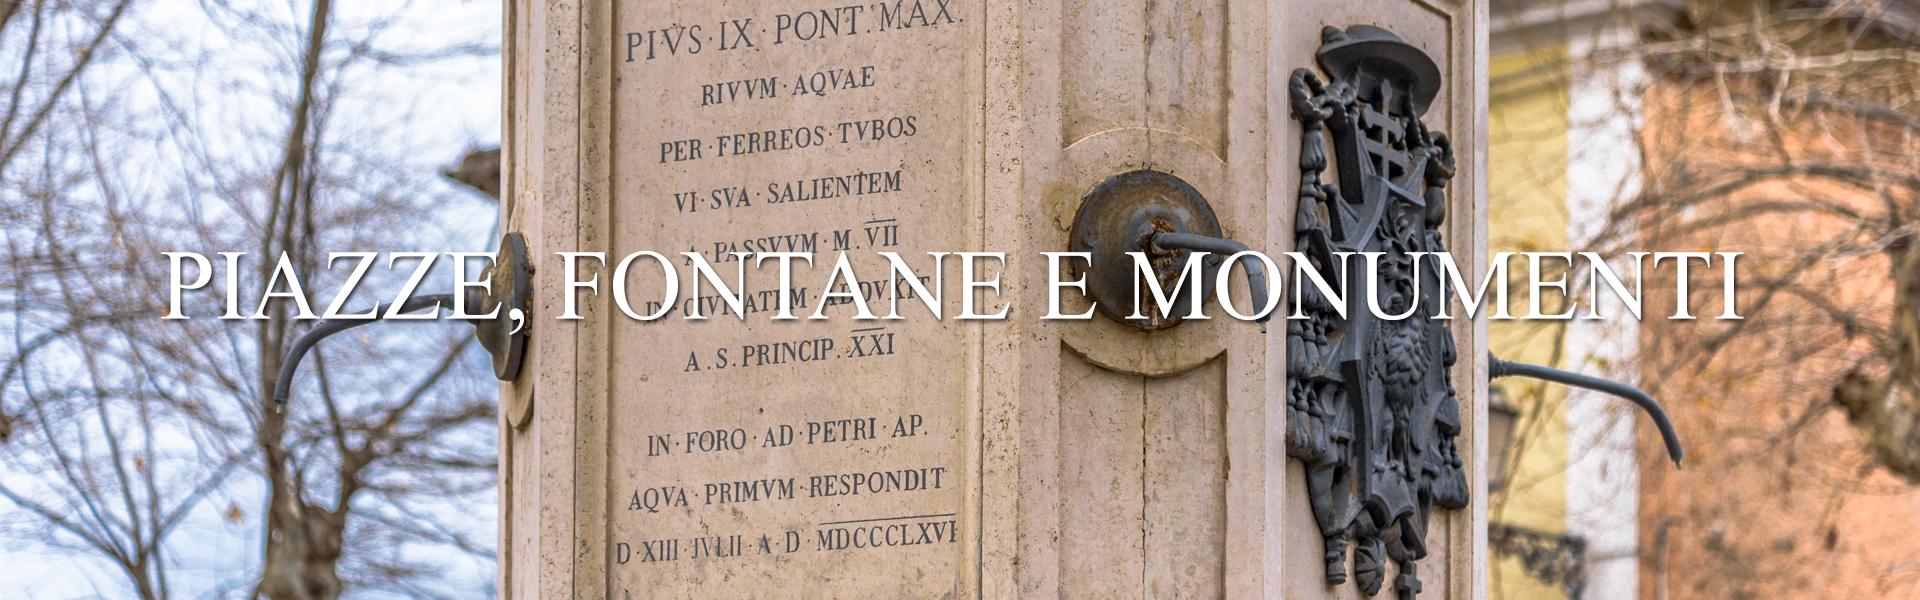 sezze-cultura-piazze-fontane-e-monumenti-cop-1920x600